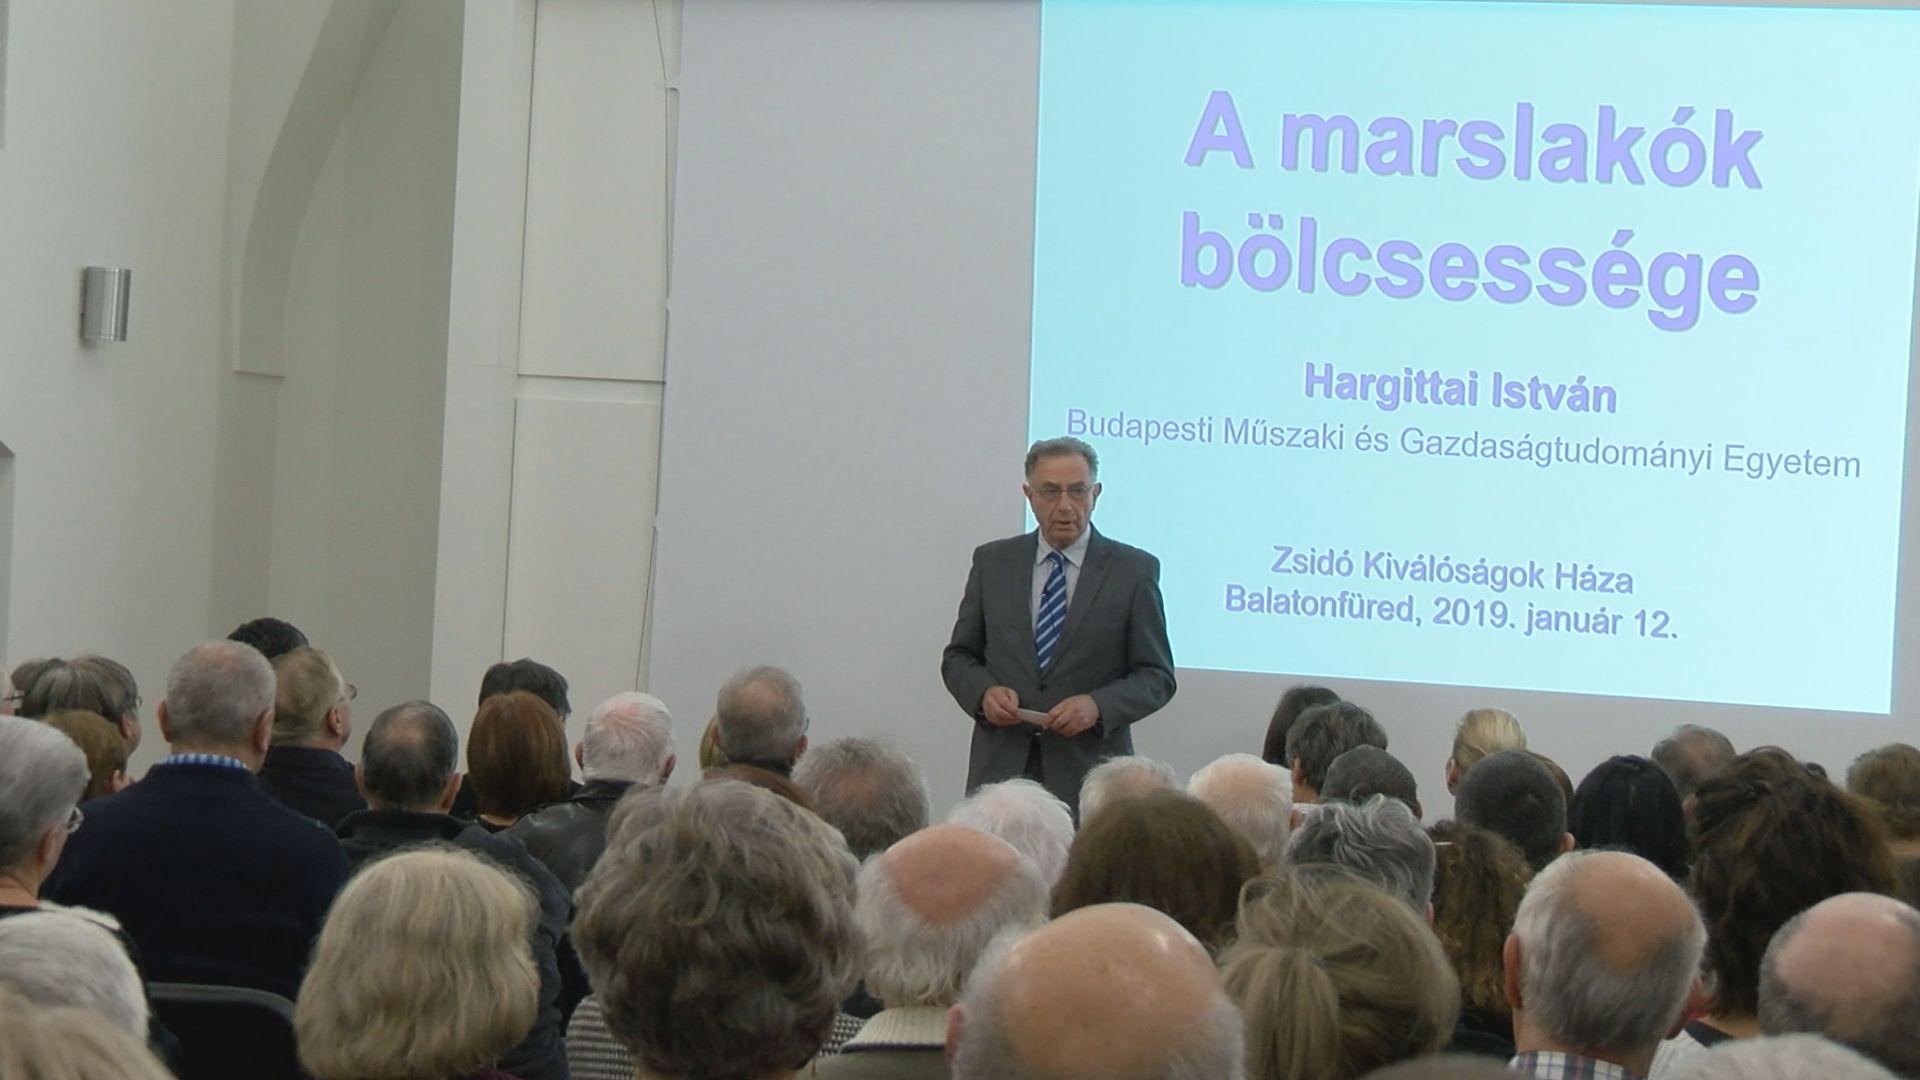 Hargittai István előadása magyar atomtudósokról